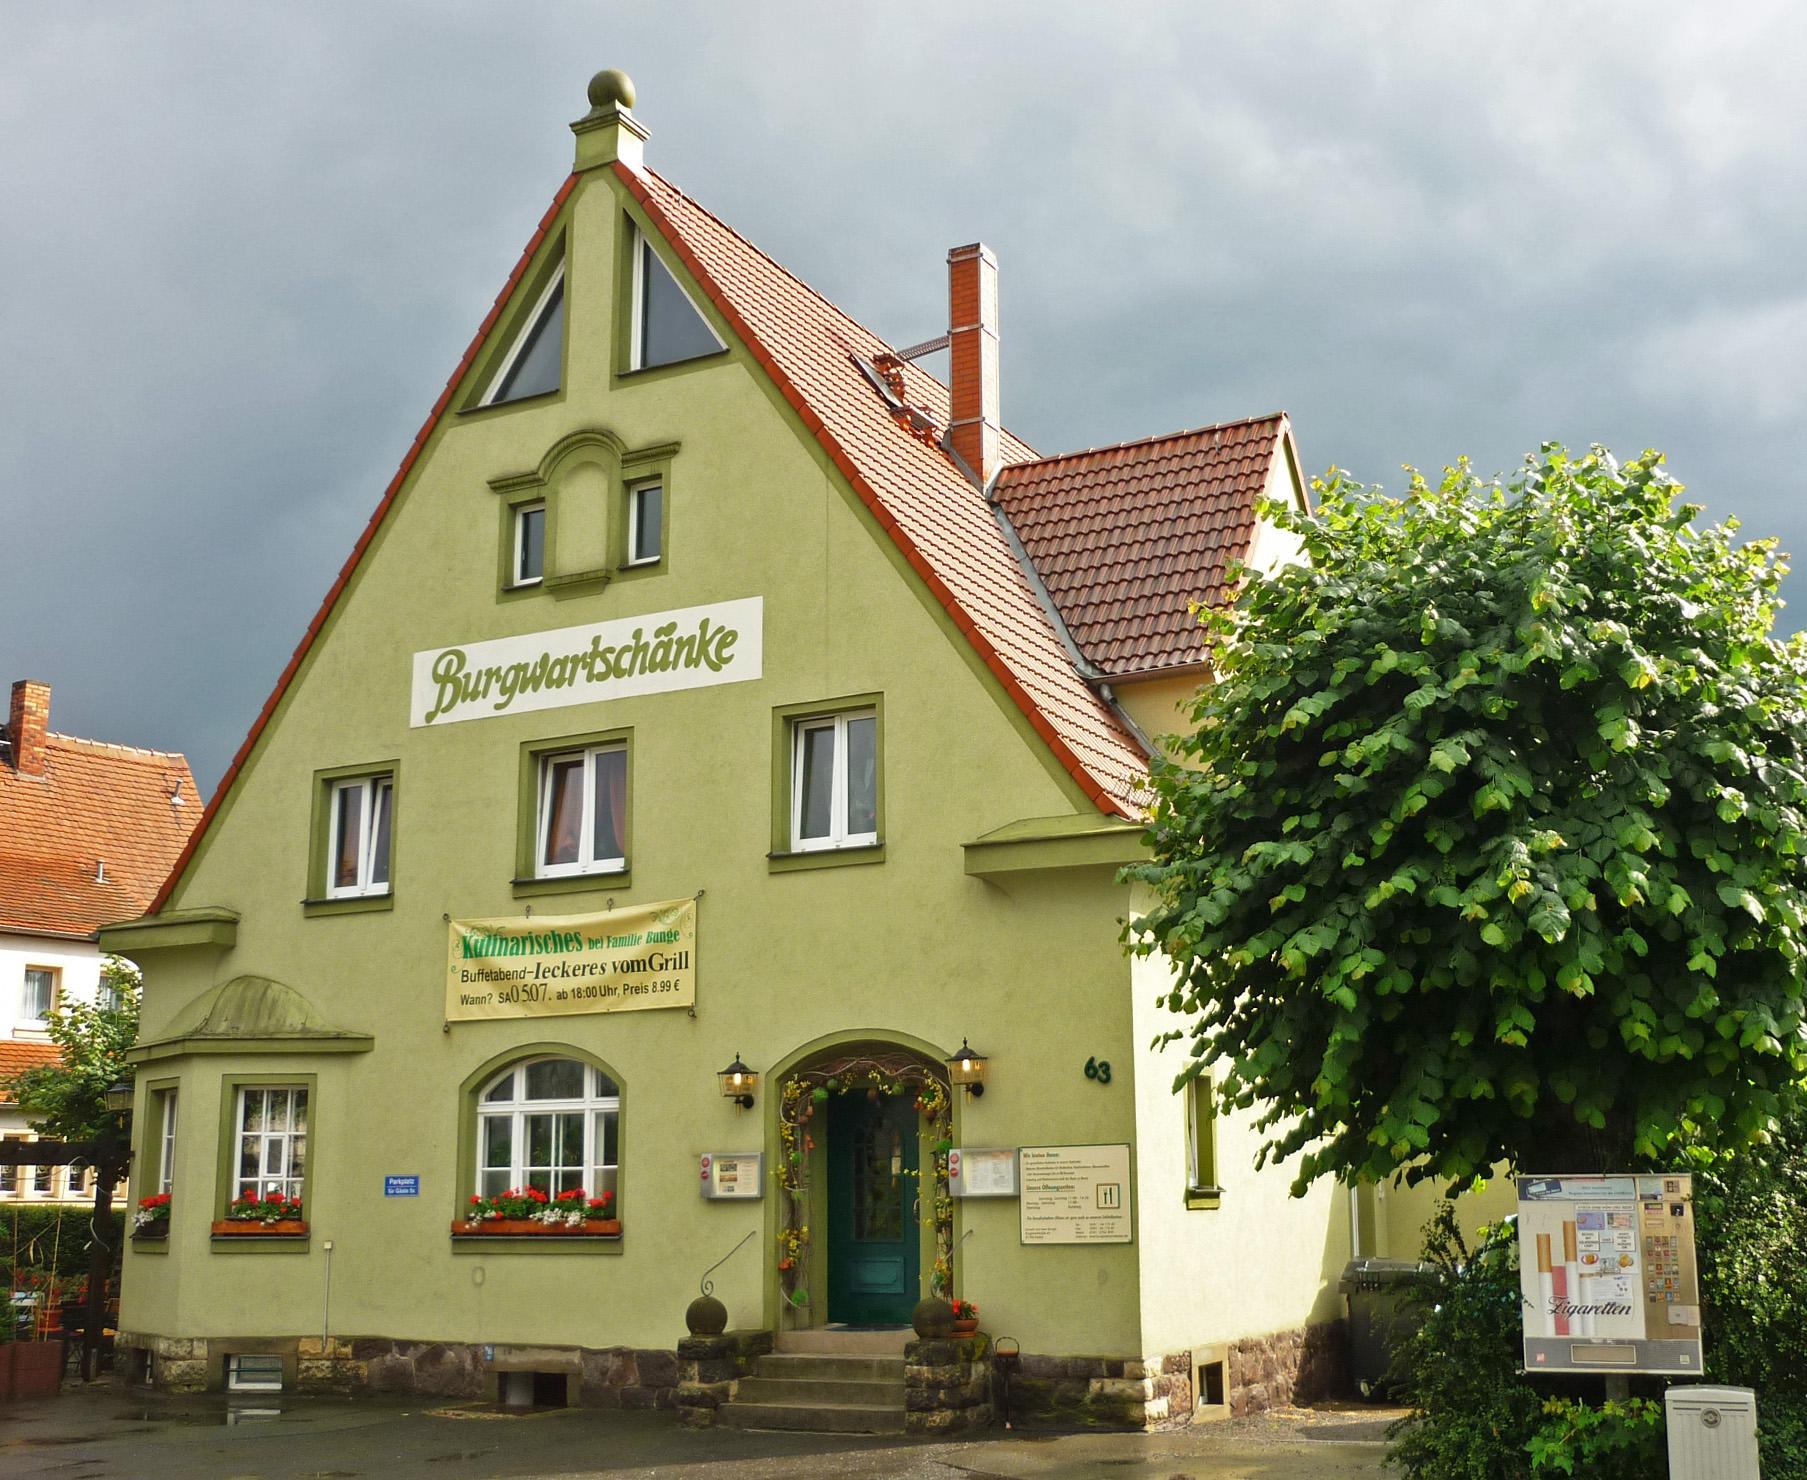 Burgwartschänke